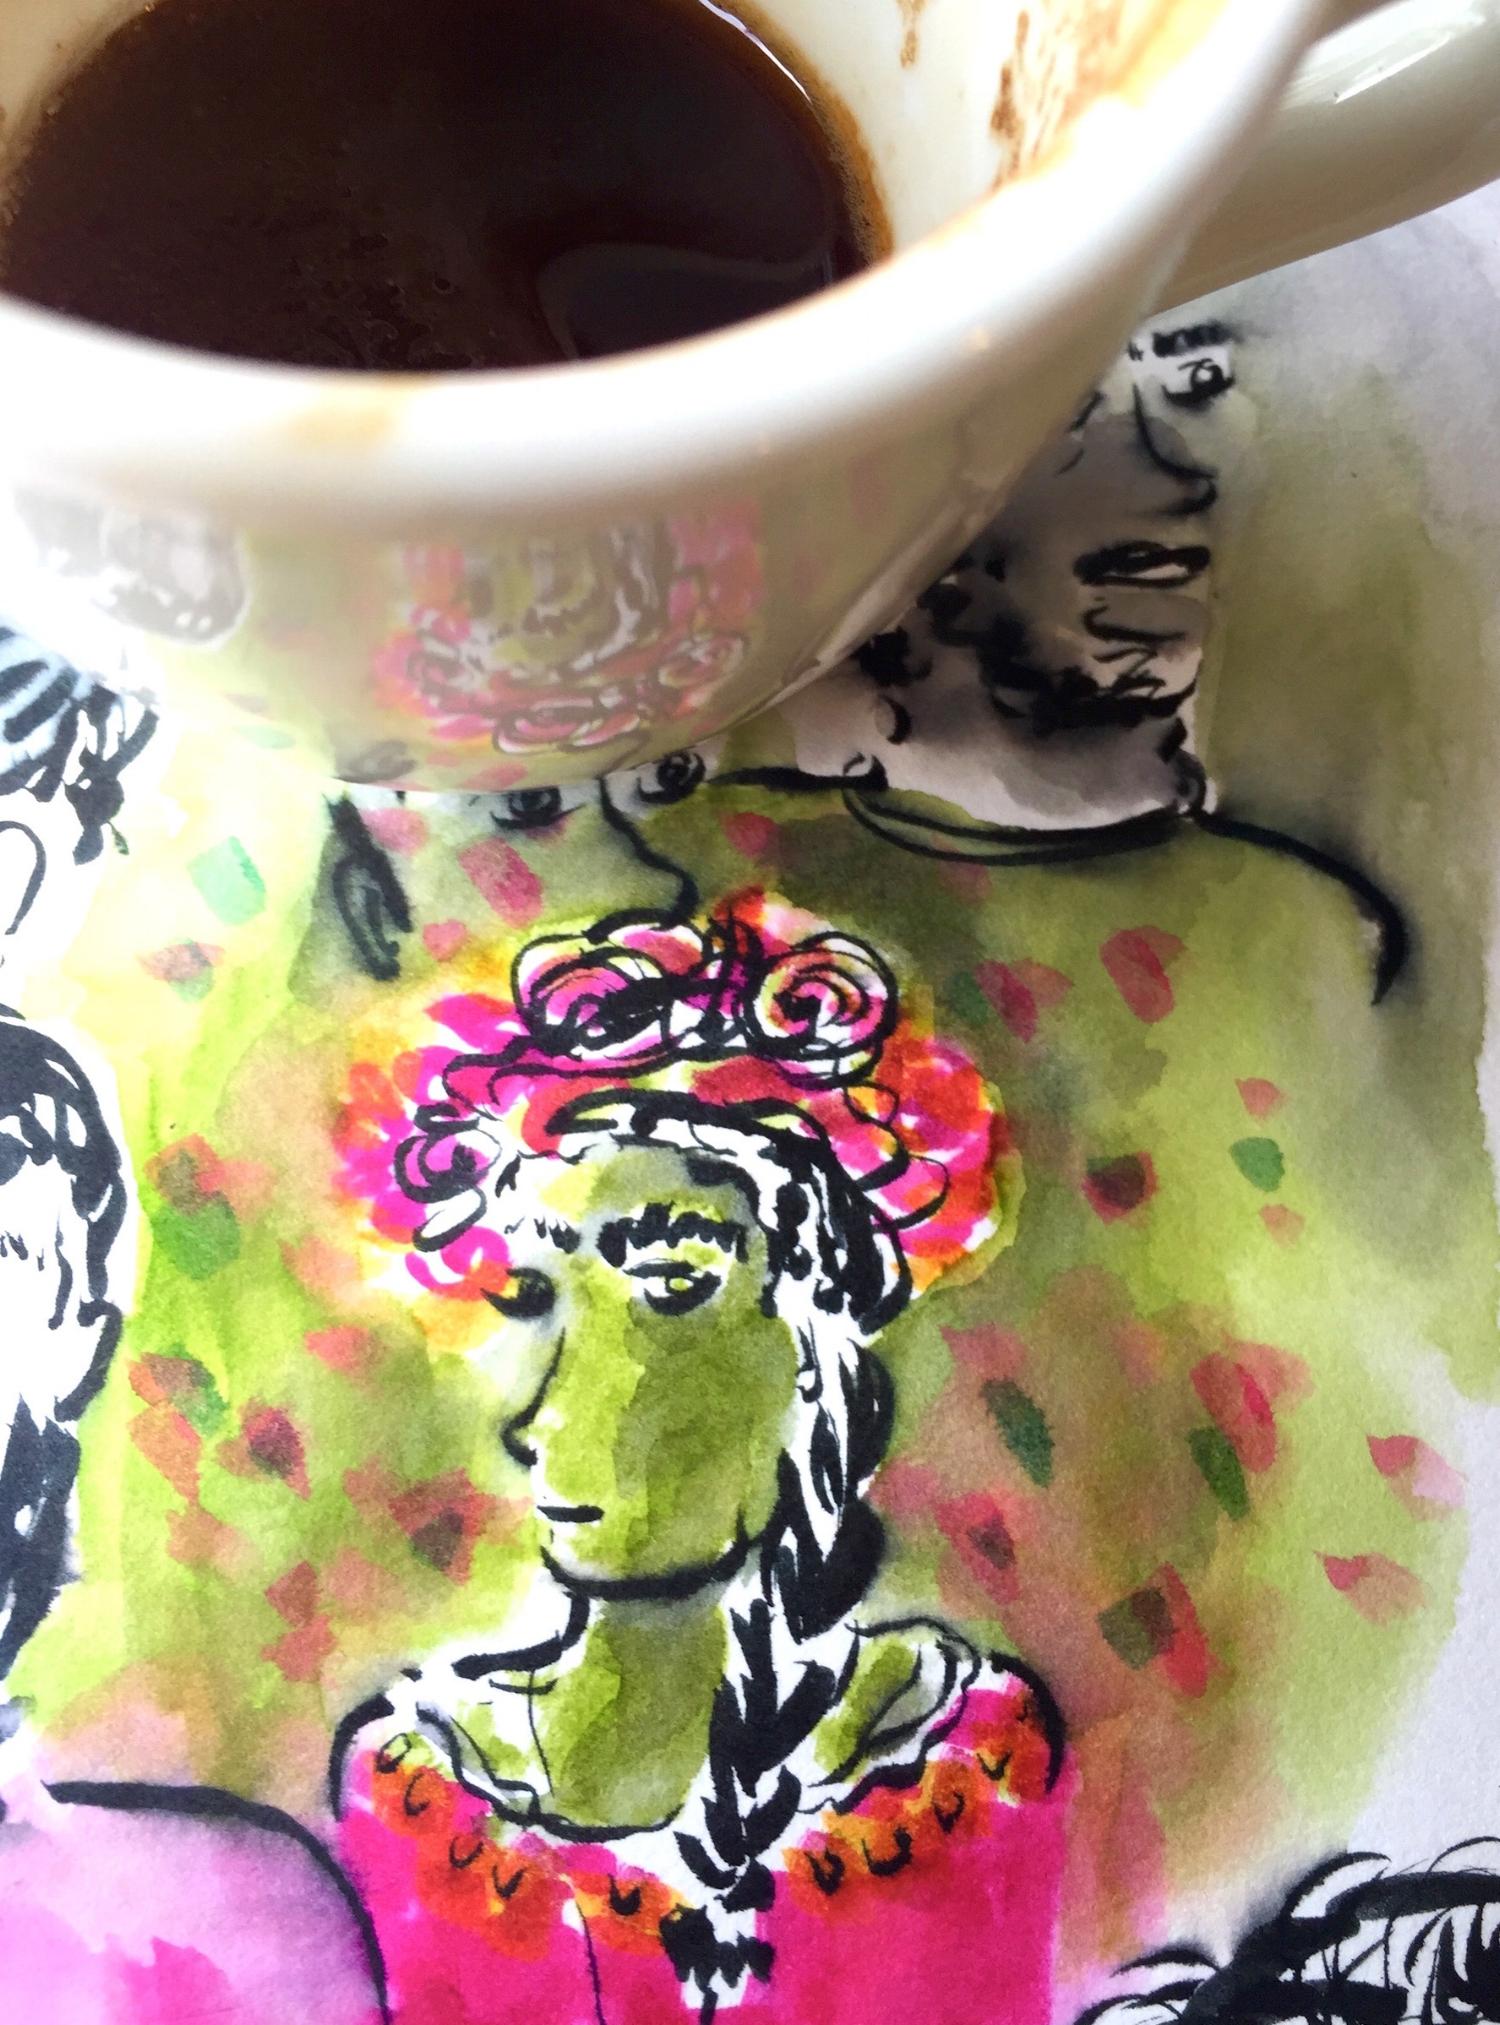 fridacoffee.jpg